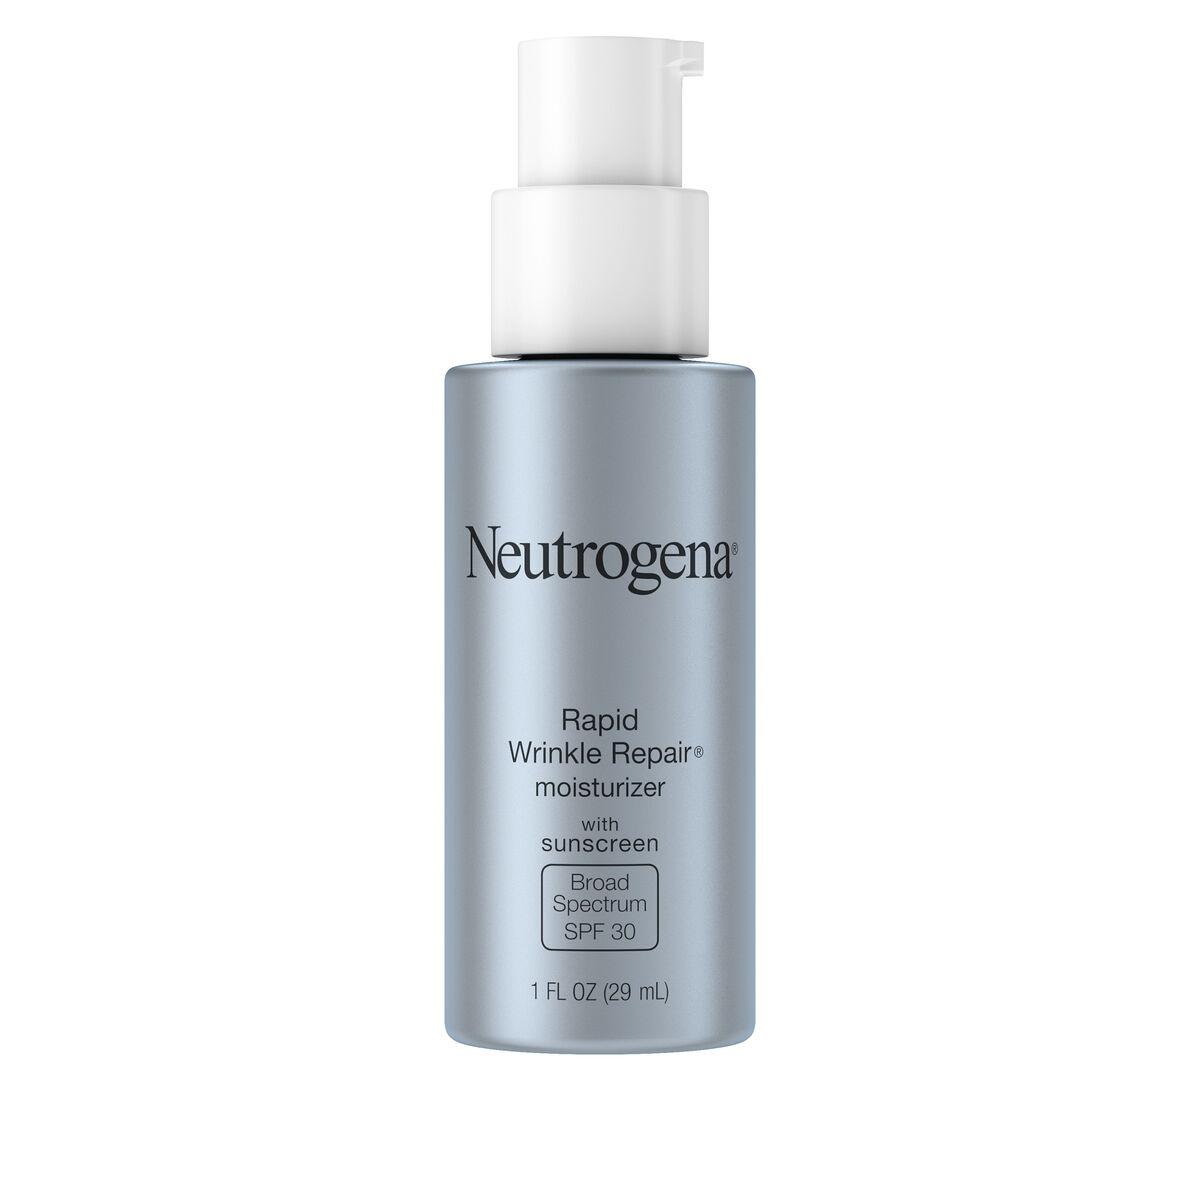 broad spectrum face moisturizer